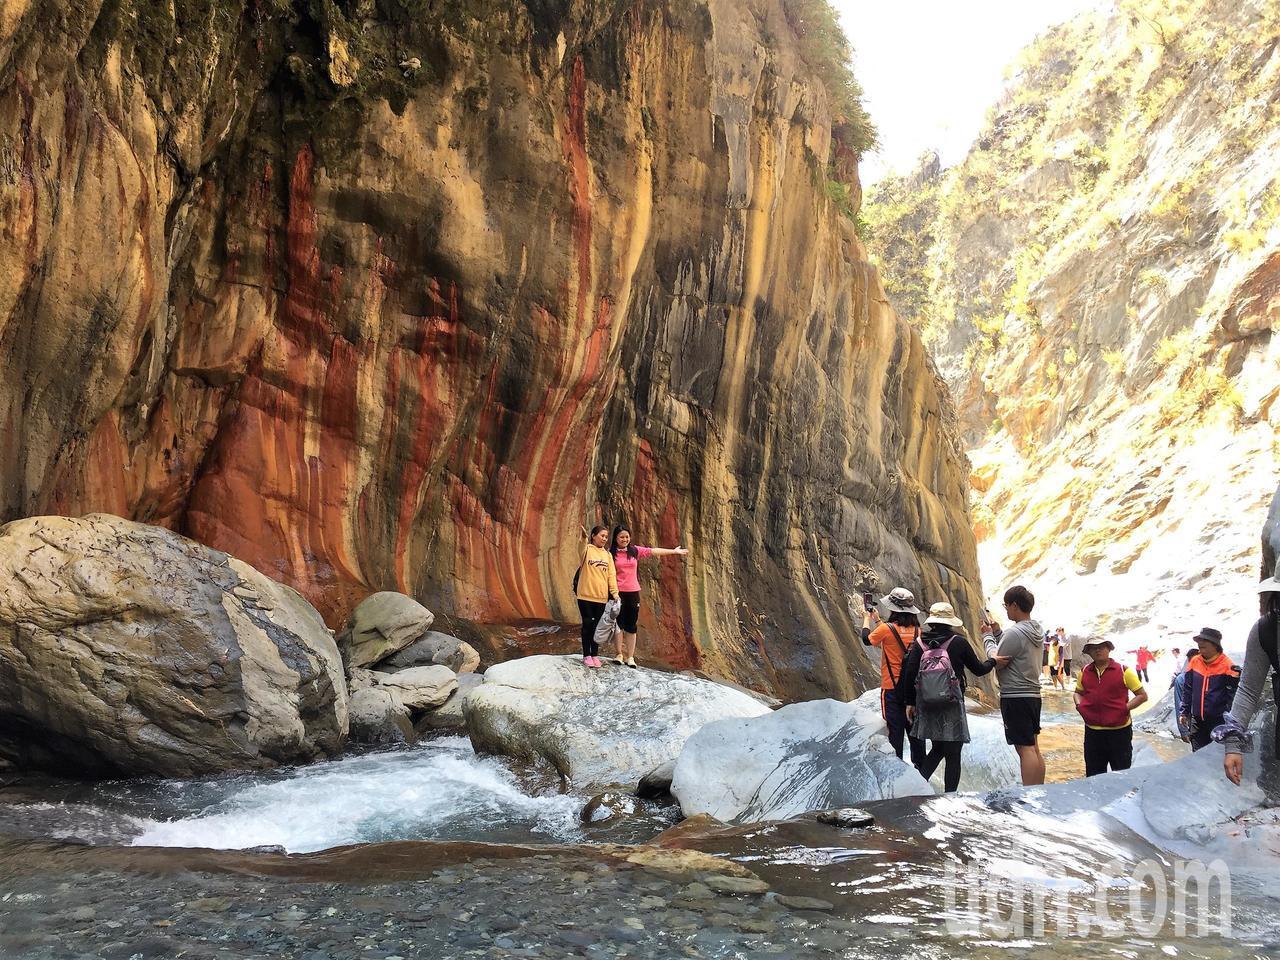 屏東縣霧台鄉的哈尤溪秘境近年爆紅,尤其是七彩岩壁及「雲豹之湯」讓人驚豔。記者翁禎...